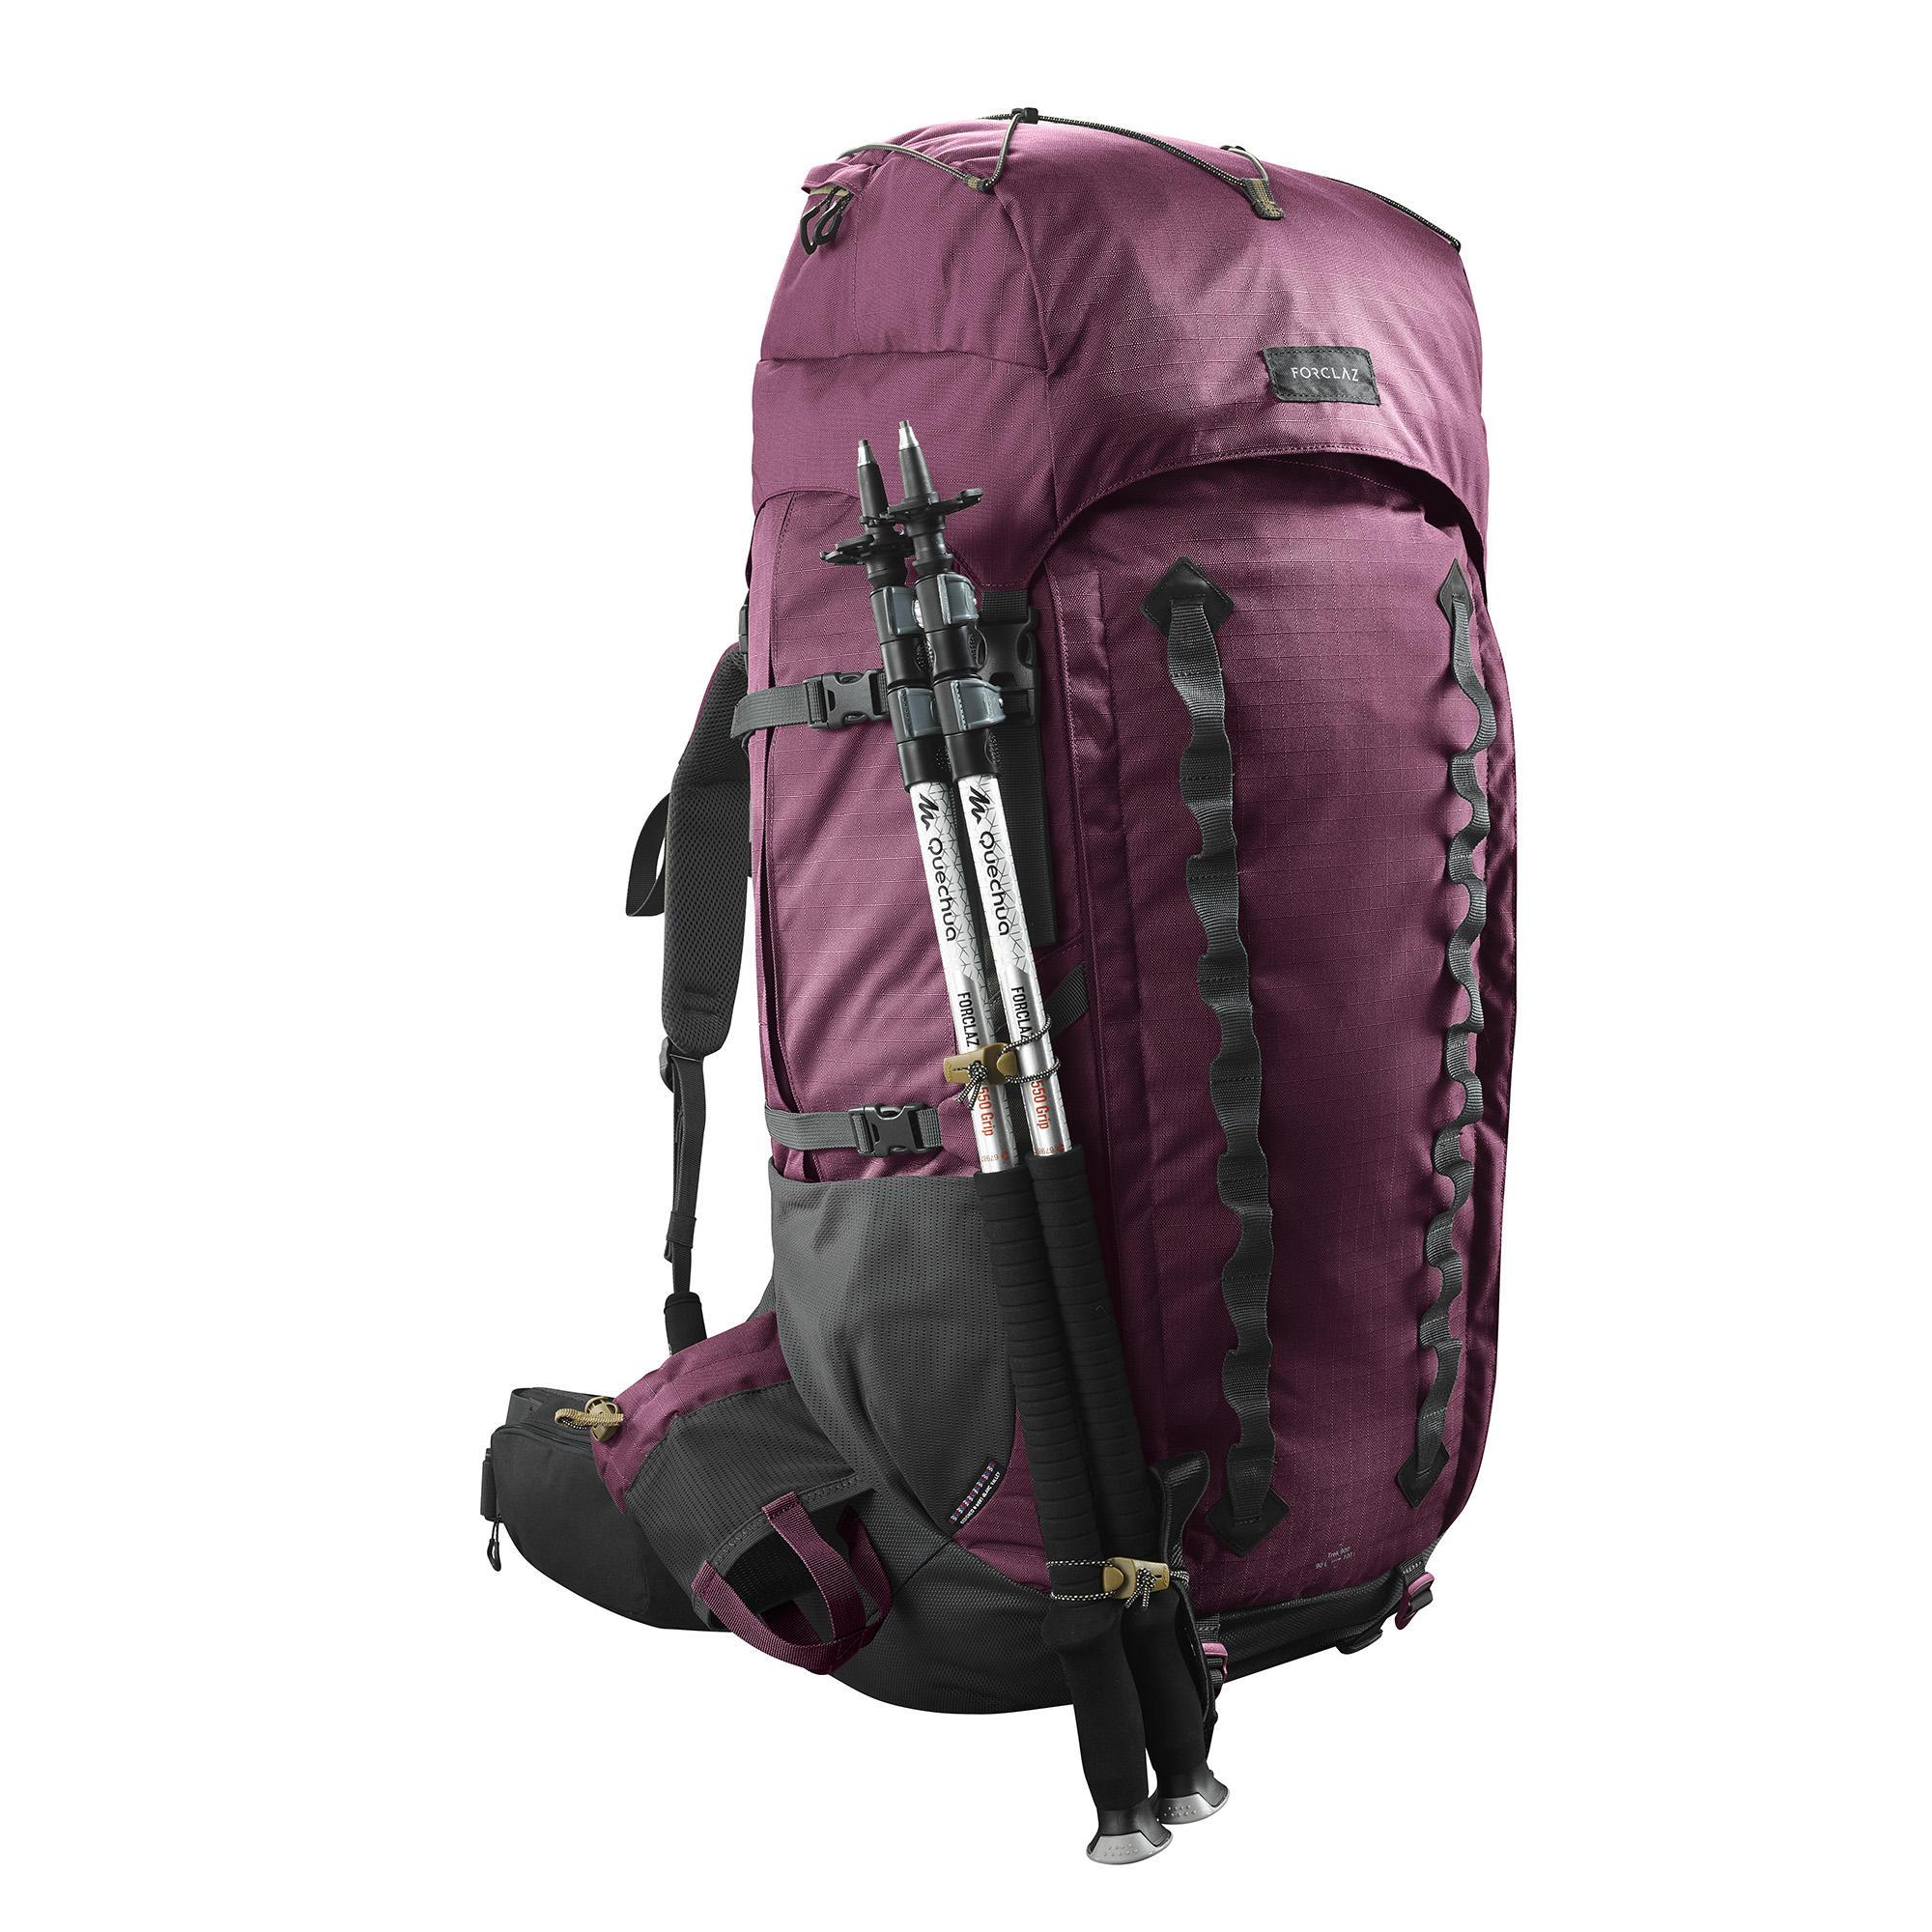 909c764ae Mochila de Montaña y Trekking Forclaz Trek900 Symbium 70+10 Litros Mujer  Burdeos Forclaz